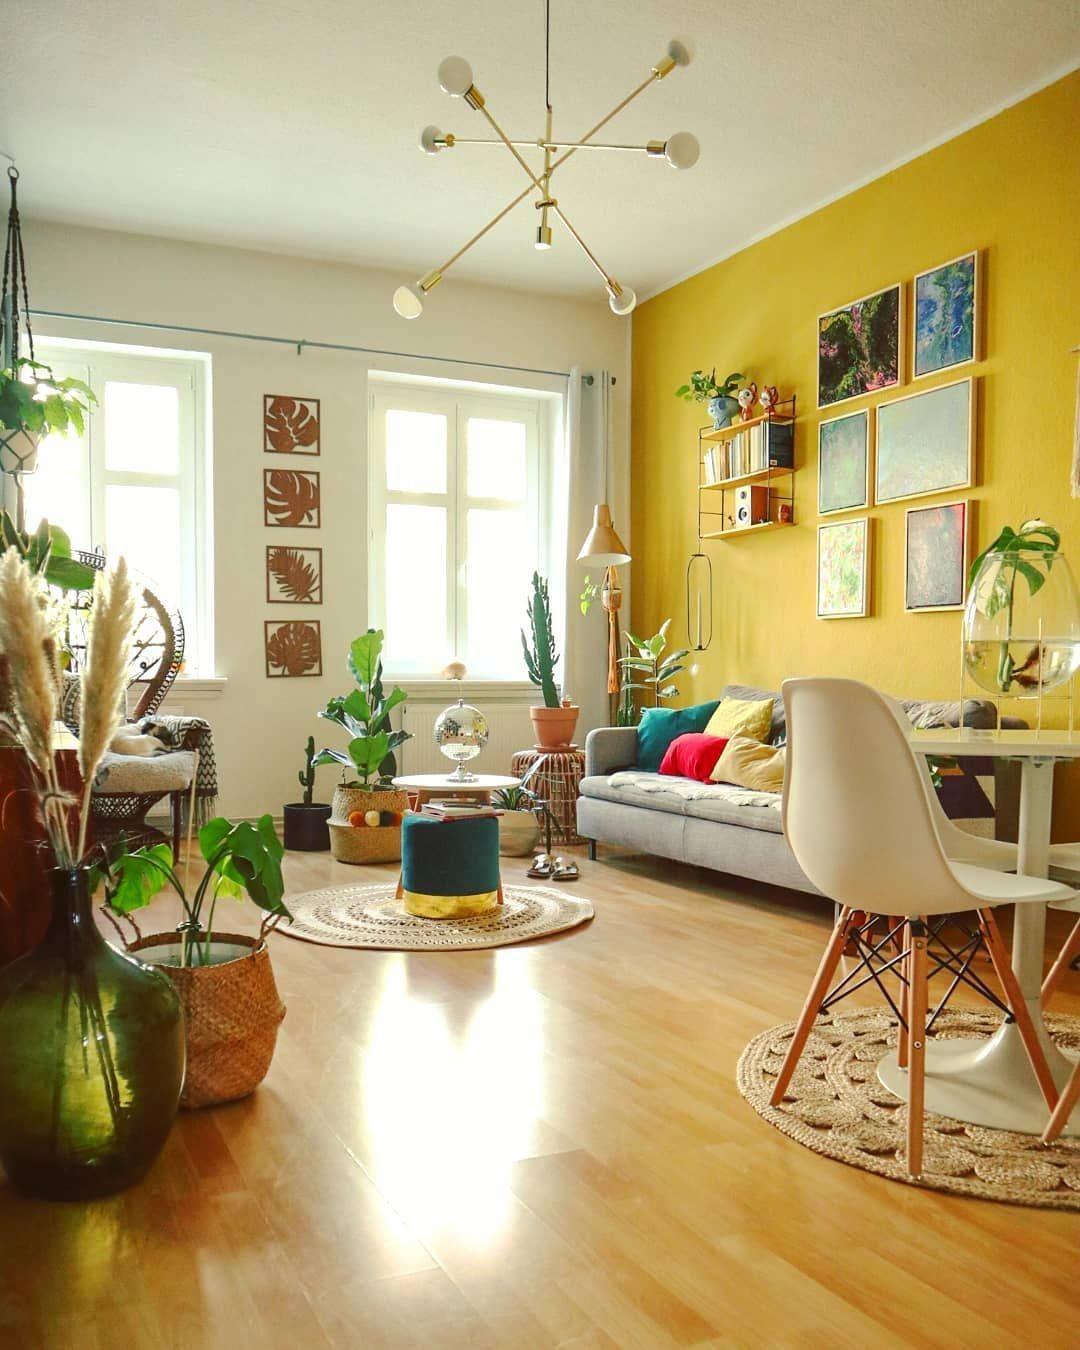 S E C R E T T H R O N E Werbung Wegen Markierung Hank Schlaft Auf Seinem Heimlichen Thro Yellow Walls Living Room Yellow Living Room Yellow Home Decor Living room yellow walls